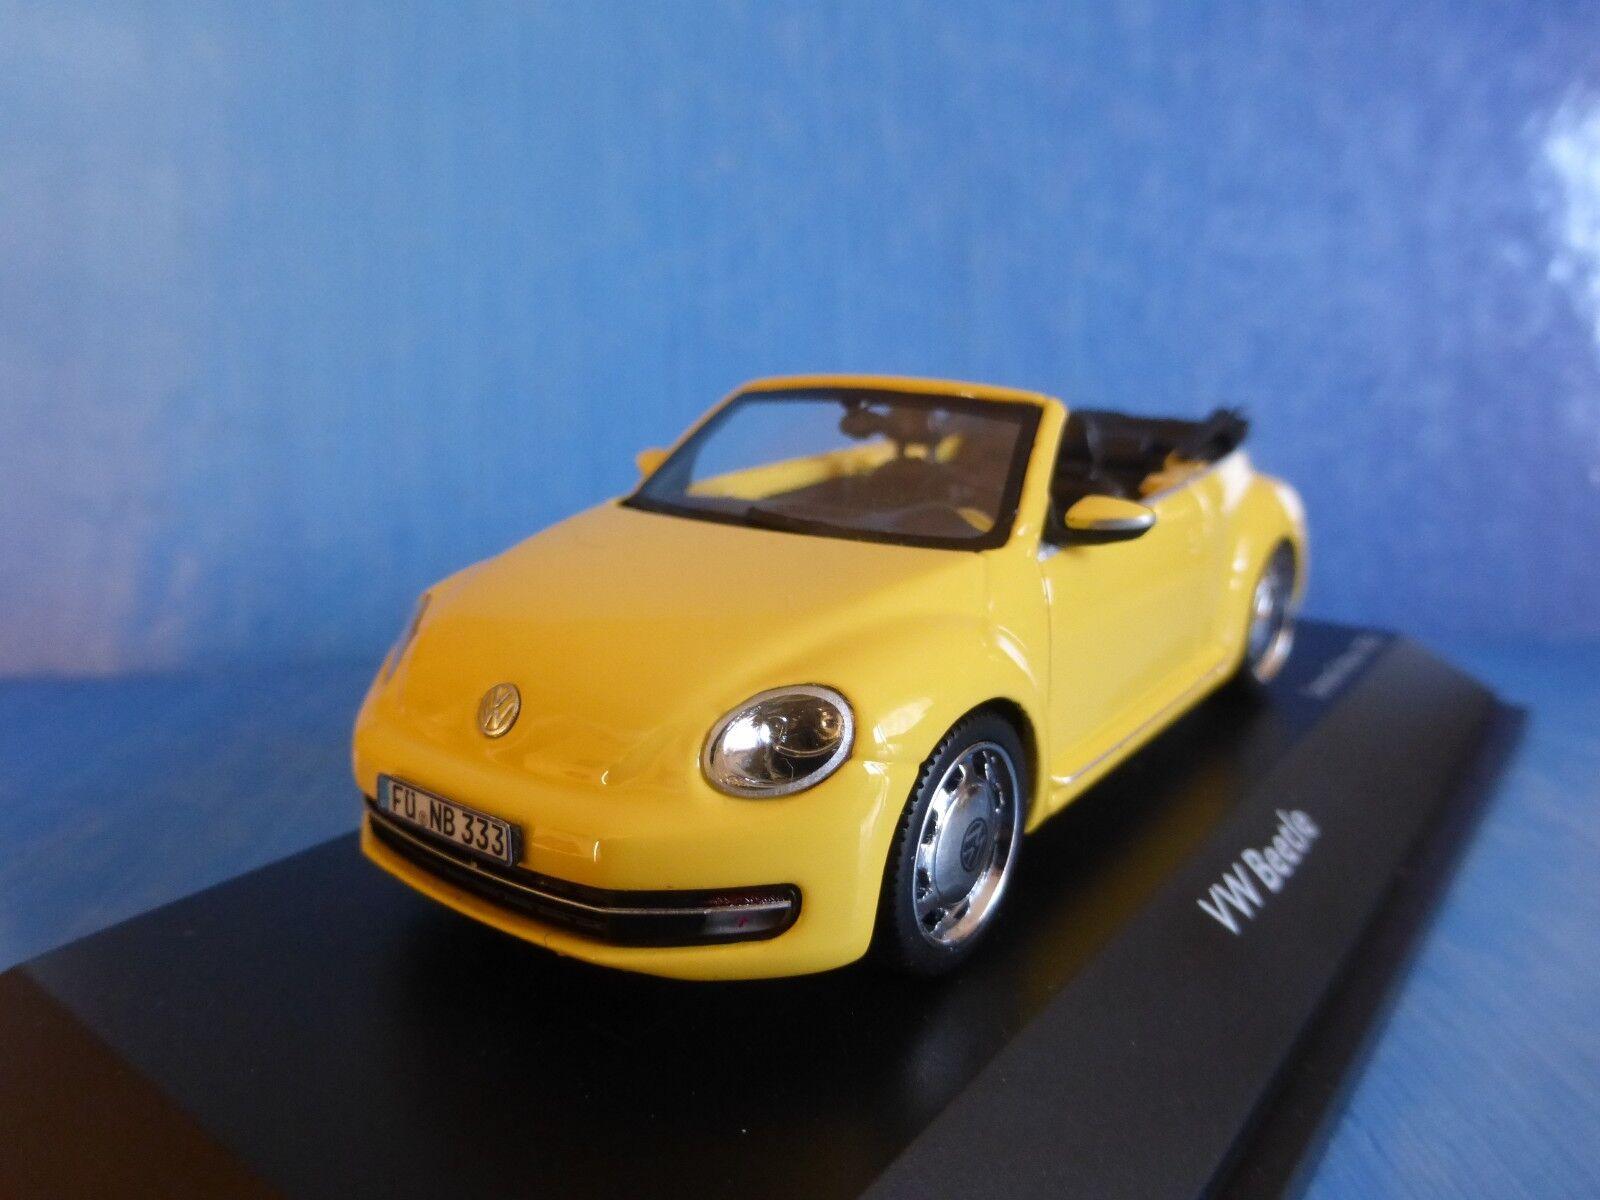 VW VOLKSWAGEN NEW BEETLE CONVERTIBLE 2013 SATURN jaune SCHUCO 07476 1 43 jaune